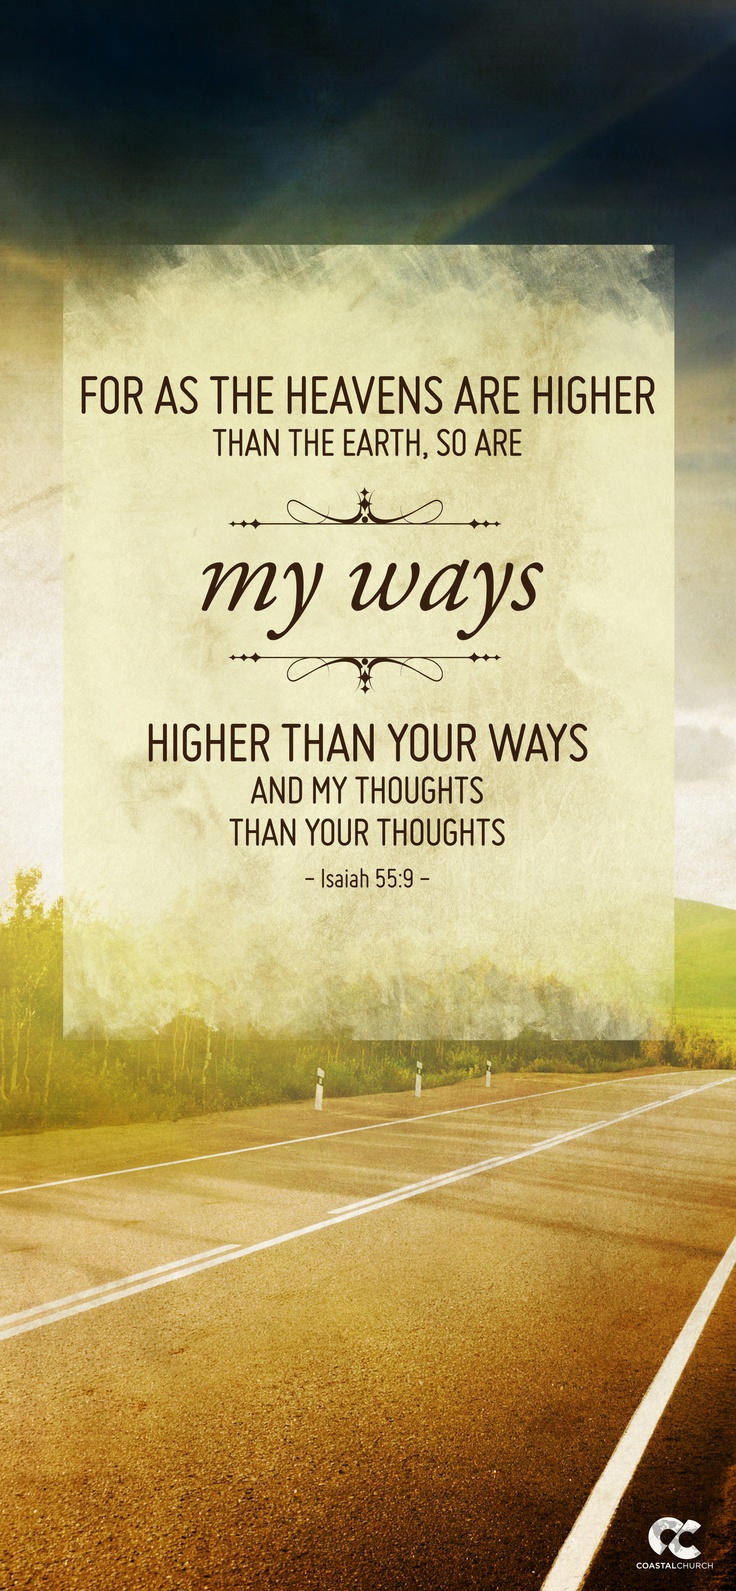 Inspirational Isaiah Bible Verses